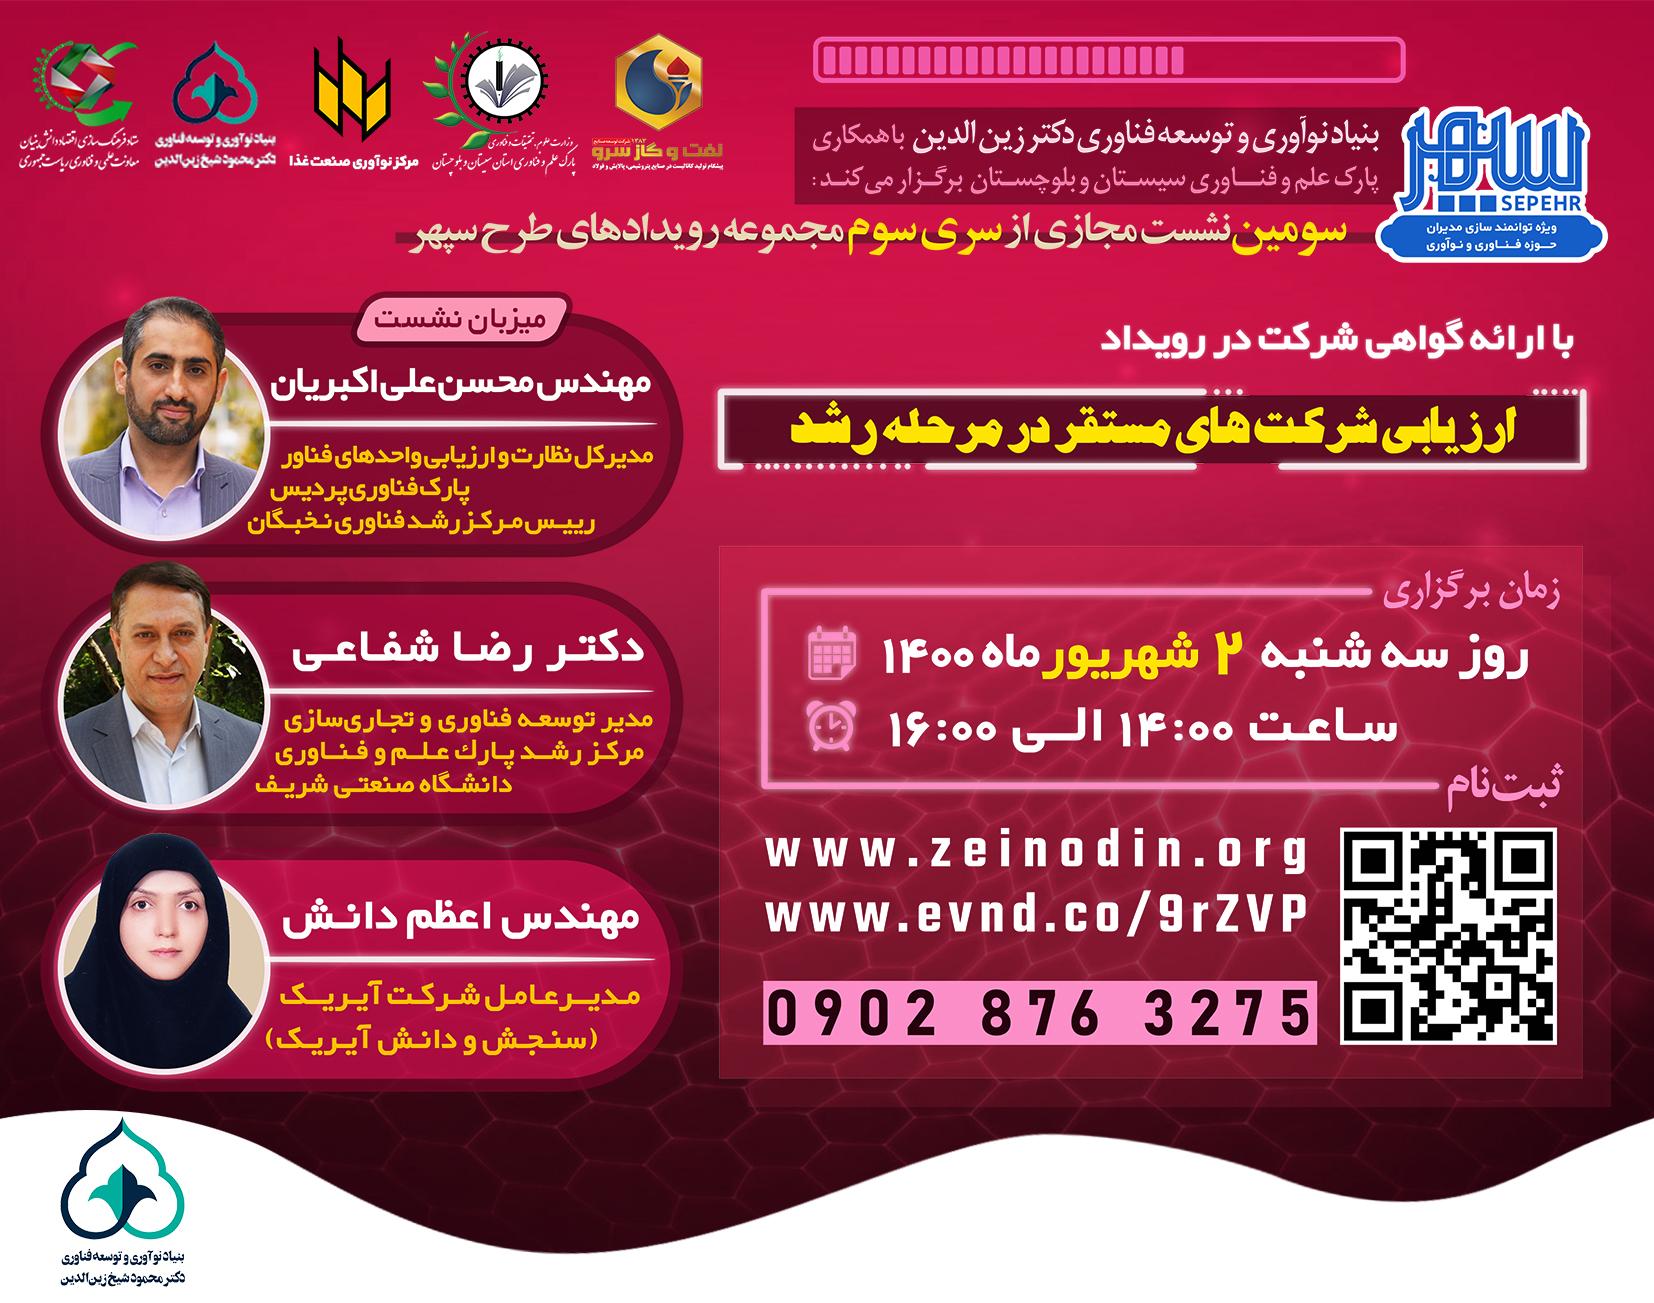 برگزاری سومین وبینار از دوره سوم طرح سپهر